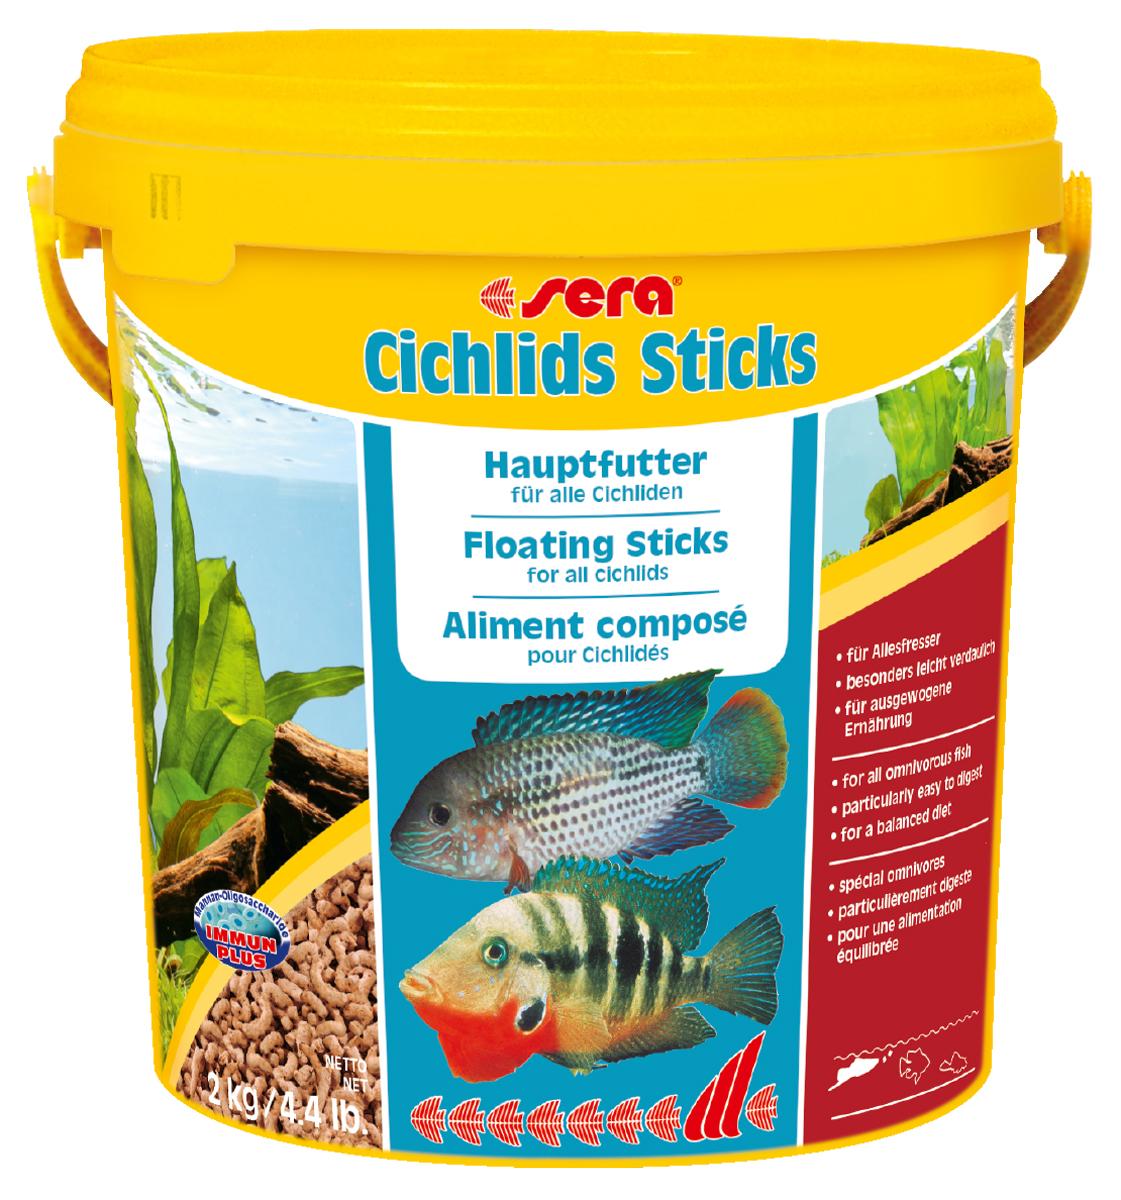 Корм для рыб Sera Cichlids Sticks, 10 л (2 кг)0120710Корм для рыб Sera Cichlids Sticks предназначен для всех видов цихлид. Корм изготовлен в виде палочек, произведенных путем бережной обработки сырья. Благодаря высокому содержанию ценных белков и входящим в состав зародышам пшеницы, этот сбалансированный корм легко усваивается и особенно привлекателен для рыб. Формула Vital-Immun-Protect гарантирует рыбам прекрасное здоровье, укрепление иммунитета и обилие жизненных сил. Плавающие палочки сохраняют свою форму в воде, не загрязняя ее. Корм не содержит красителей, благодаря чему ни при каких условиях не подкрашивает воду в аквариуме. Инструкция по применению: Кормить один-два раза в день, но только в том количестве, которое рыбы могут съесть в течение короткого периода времени. Ингредиенты: рыбная мука, кукурузный крахмал, пшеничная мука, пшеничная клейковина, пшеничные зародыши (5%), пивные дрожжи, рыбий жир (49% Омега жирных кислот), гаммарус, маннанолиго-сахариды (0,4%), зеленые мидии, водоросль гематококкус, чеснок. Аналитический состав: протеин 41,9%, жиры 6,4%, клетчатка 2,9%, влажность 4,5%, зольные вещества 4,8%.Витамины и провитамины: витамин А 30.000 ME/ кг, витамин D3 1.500 МЕ/кг, витамин Е (D, L-a-tocopheryl acetate) 60 мг/кг, витамин В1 30 мг/кг, витамин В2 90 мг/кг, витамин С (L-ascorbyl monophosphate) 550 мг/кг. Товар сертифицирован.